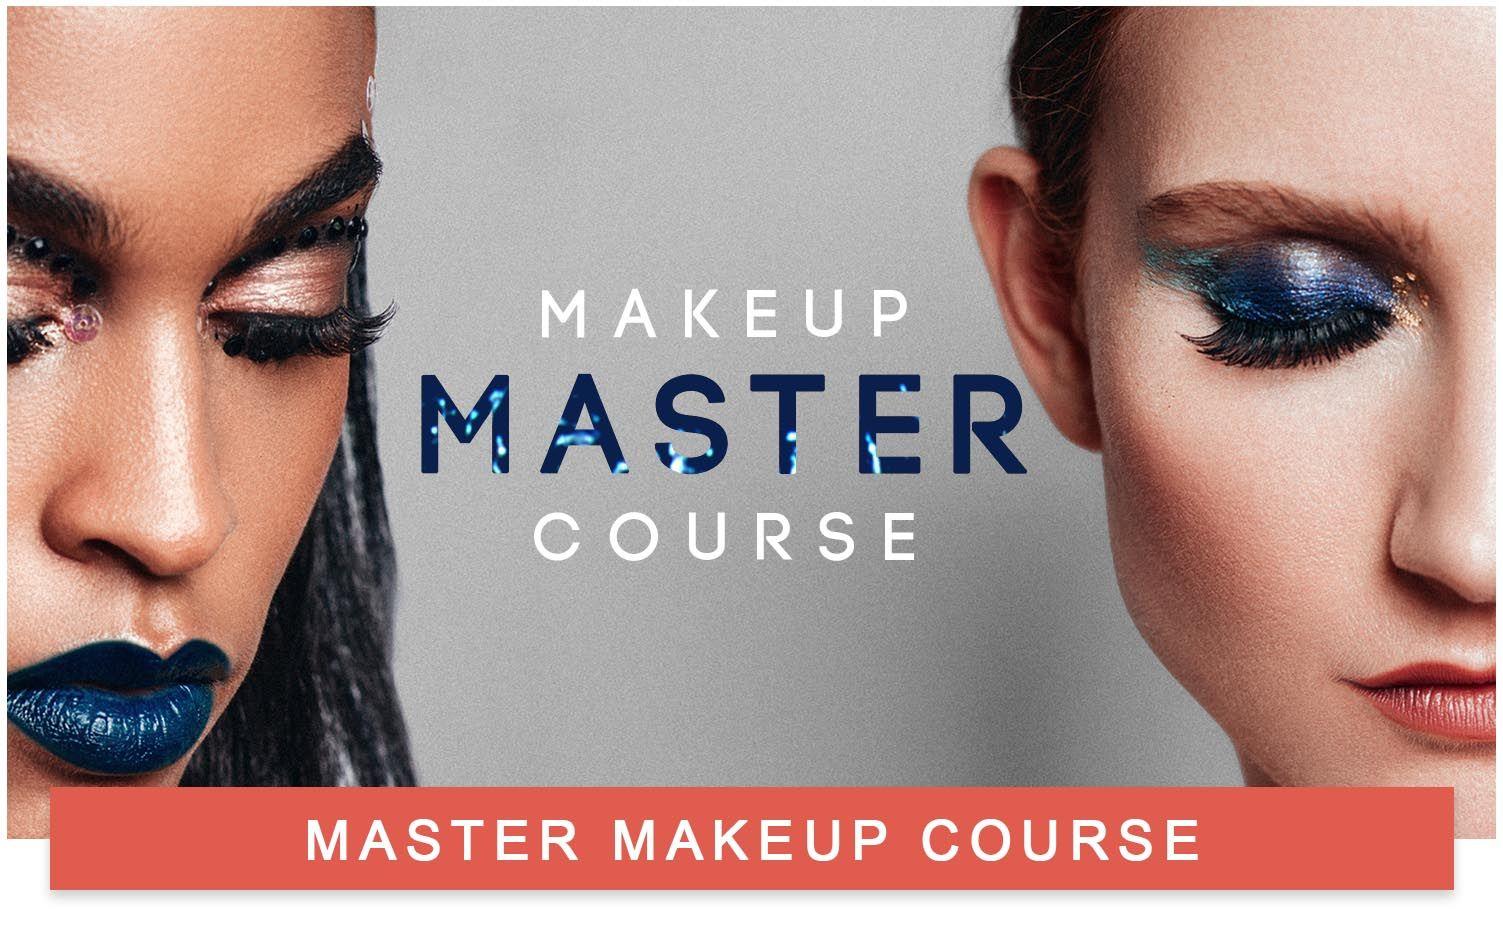 Online Makeup Academy Master Jpg Online Makeup Courses Makeup Course Online Makeup